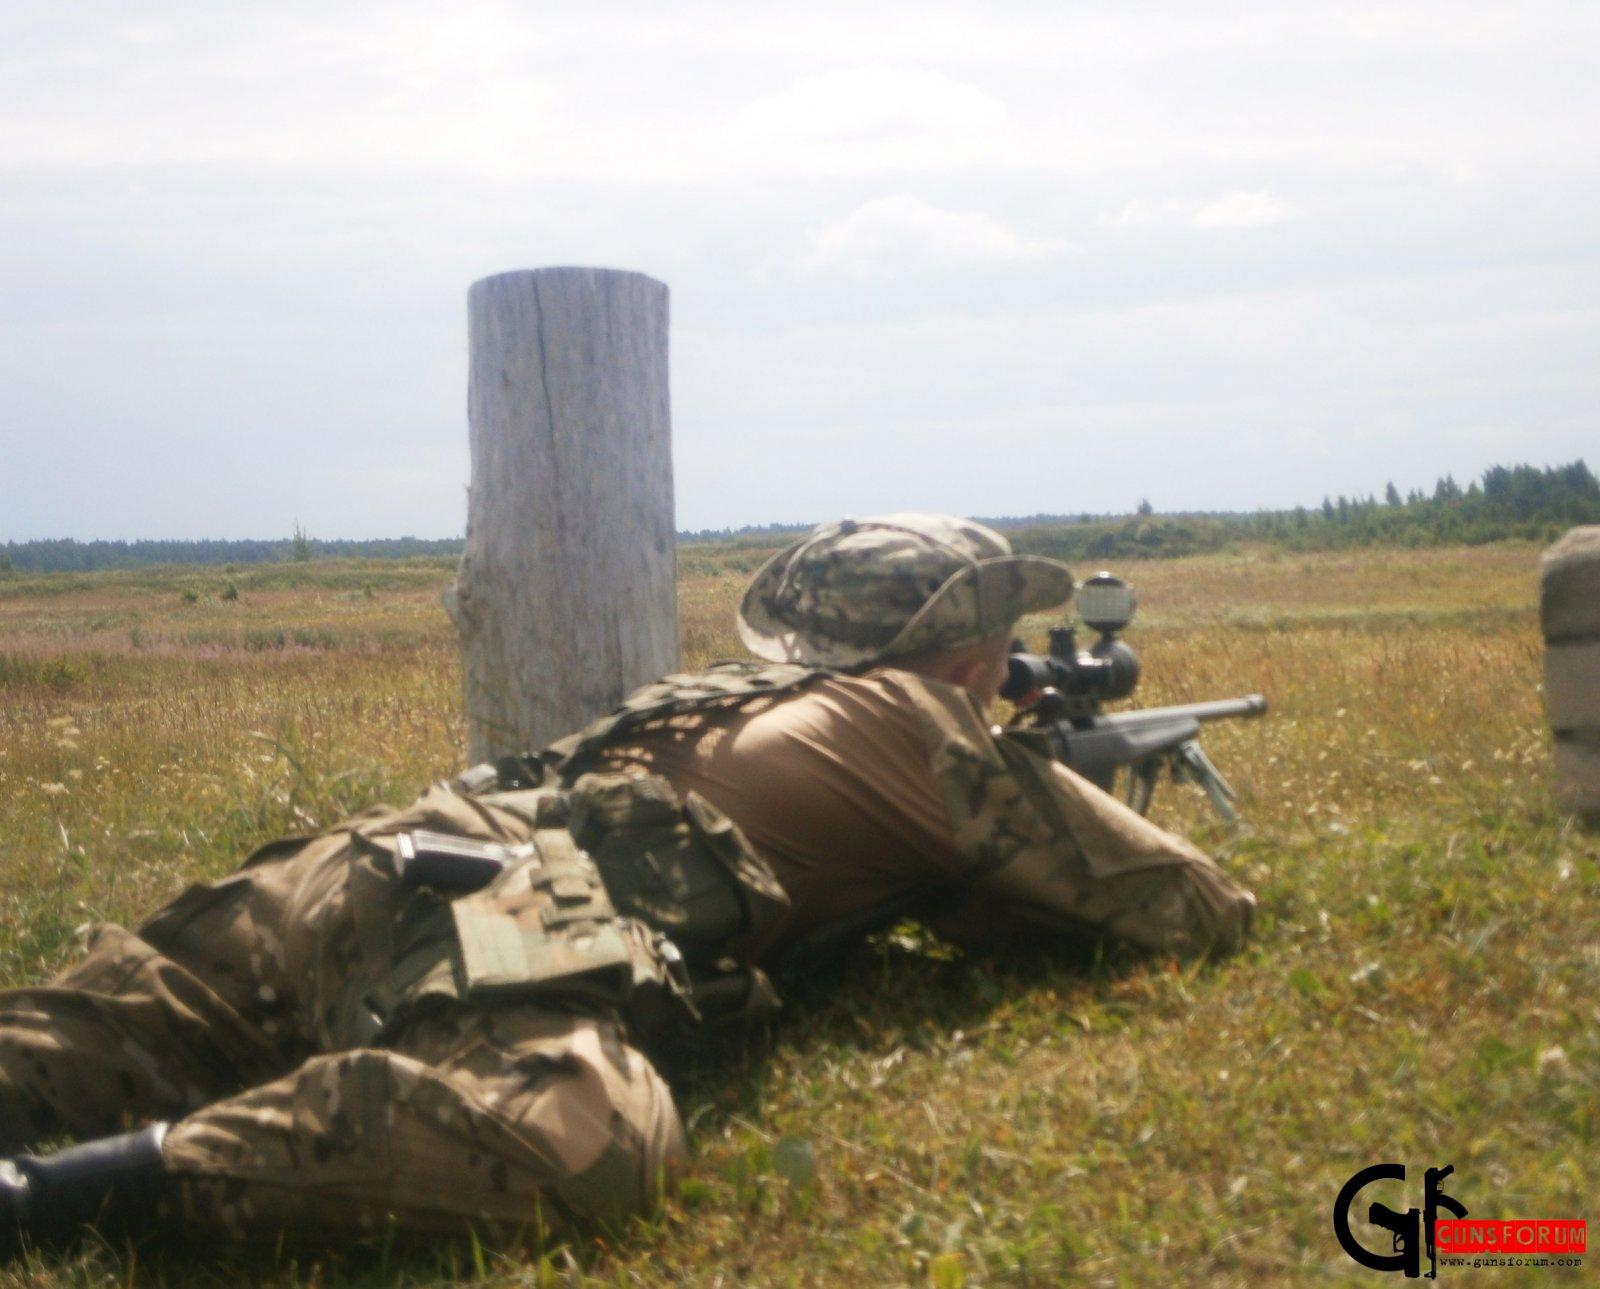 Выполнение упражнения стрельб (дистанция 600 м) из винтовки Steyr-Mannlicher SSG 04A1 (Австрия) на профильных соревнованиях